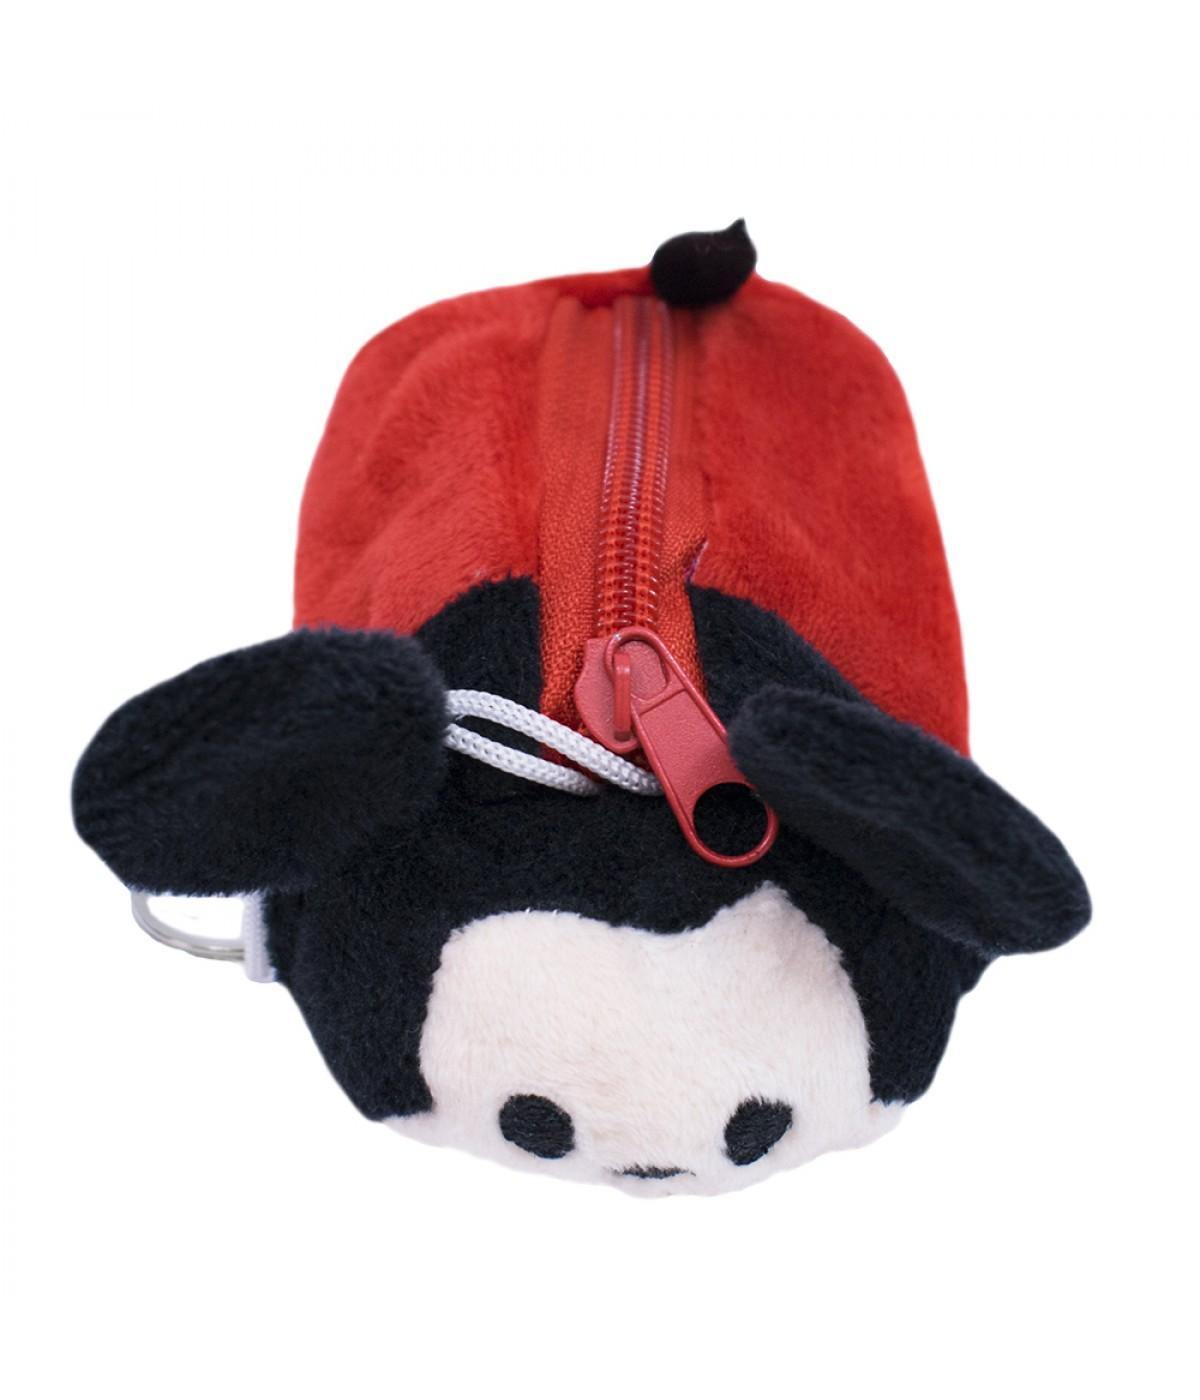 Porta moeda pelúcia formato Mickey Tsum Tsum - Disney